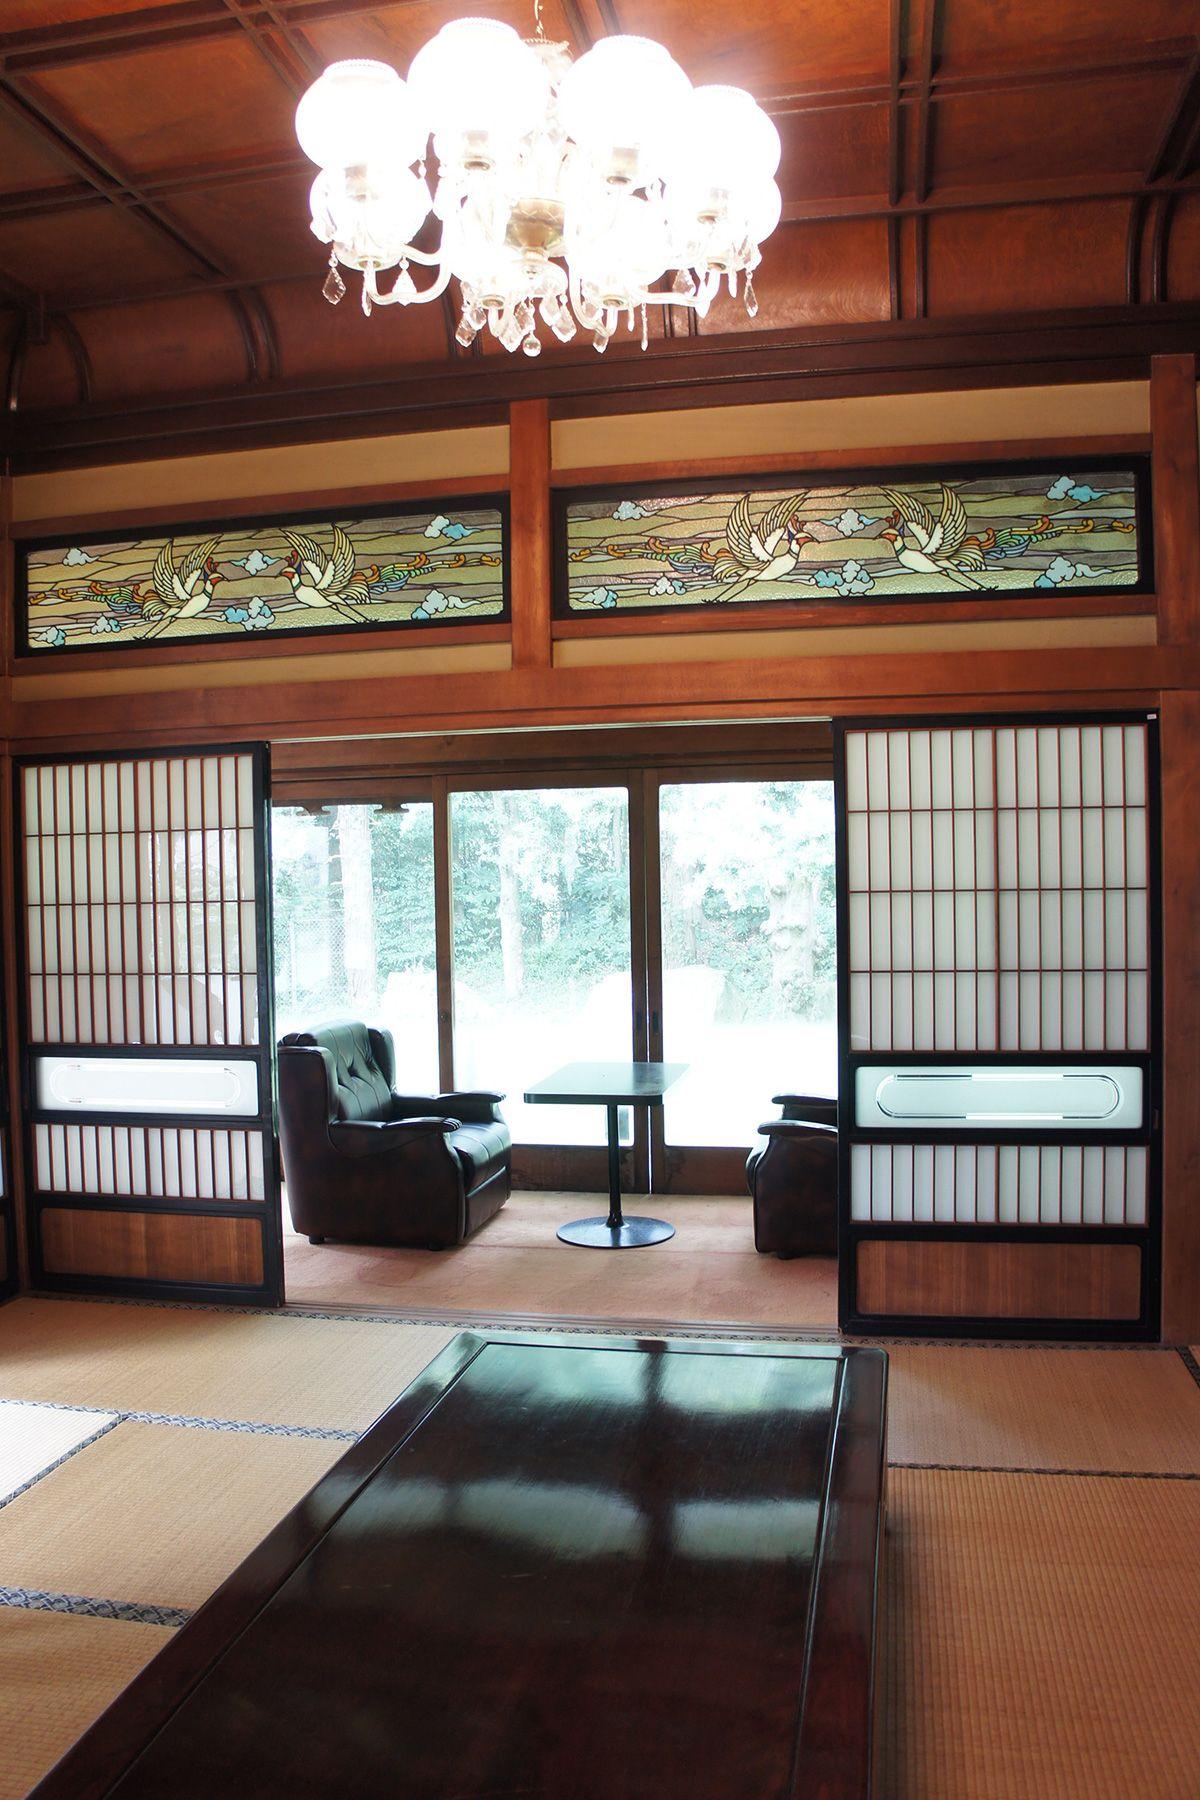 大日苑(ダイニチエン)/旧植竹庄兵衛邸シャンデリアとステンドグラス